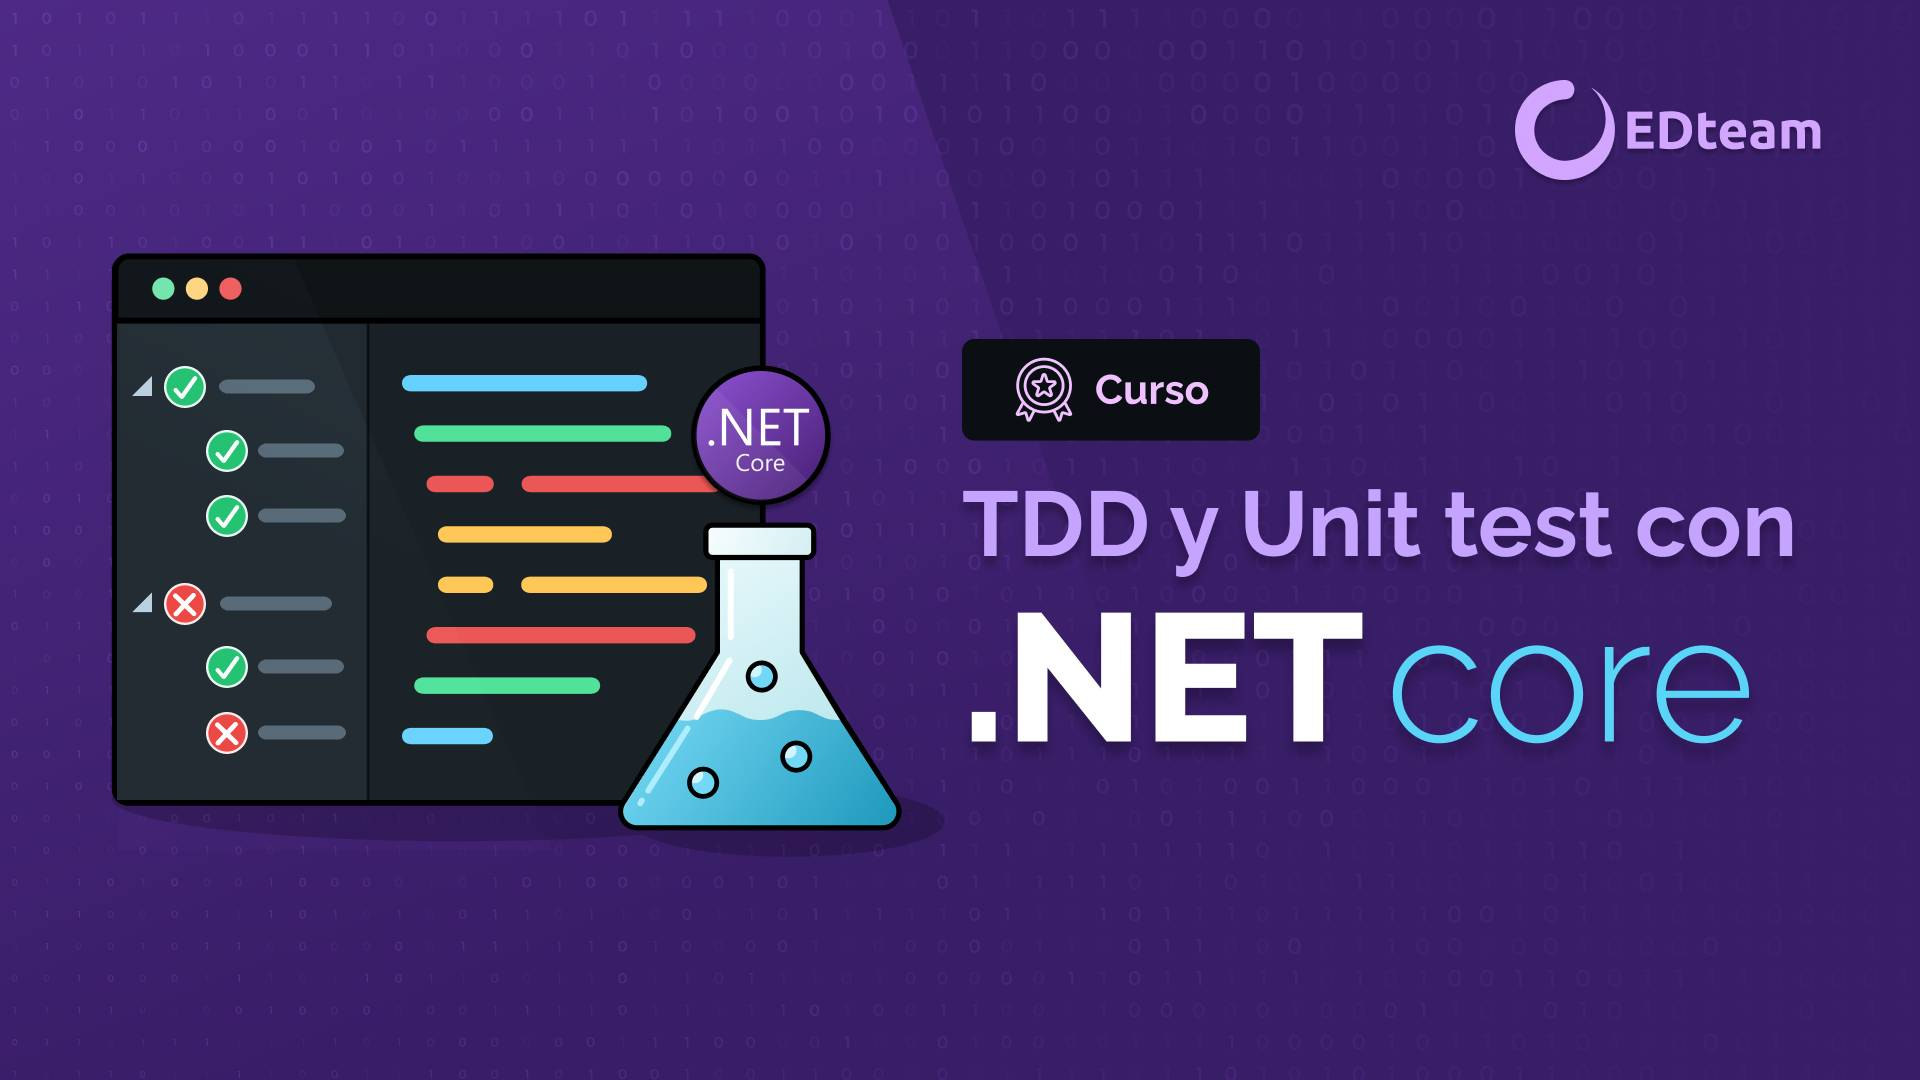 TDD y Unit test con .NET core